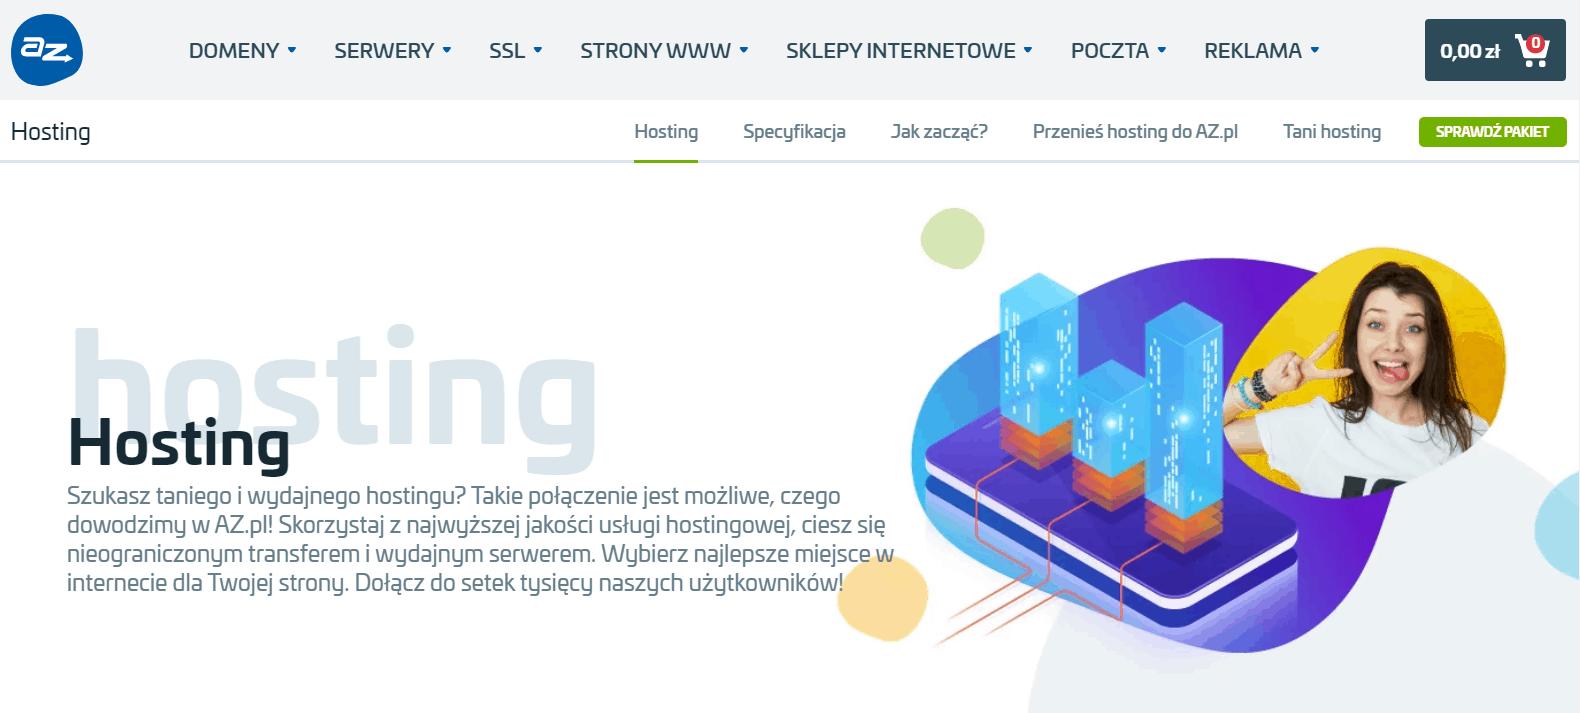 zrzut ekranu strony głównej az.pl